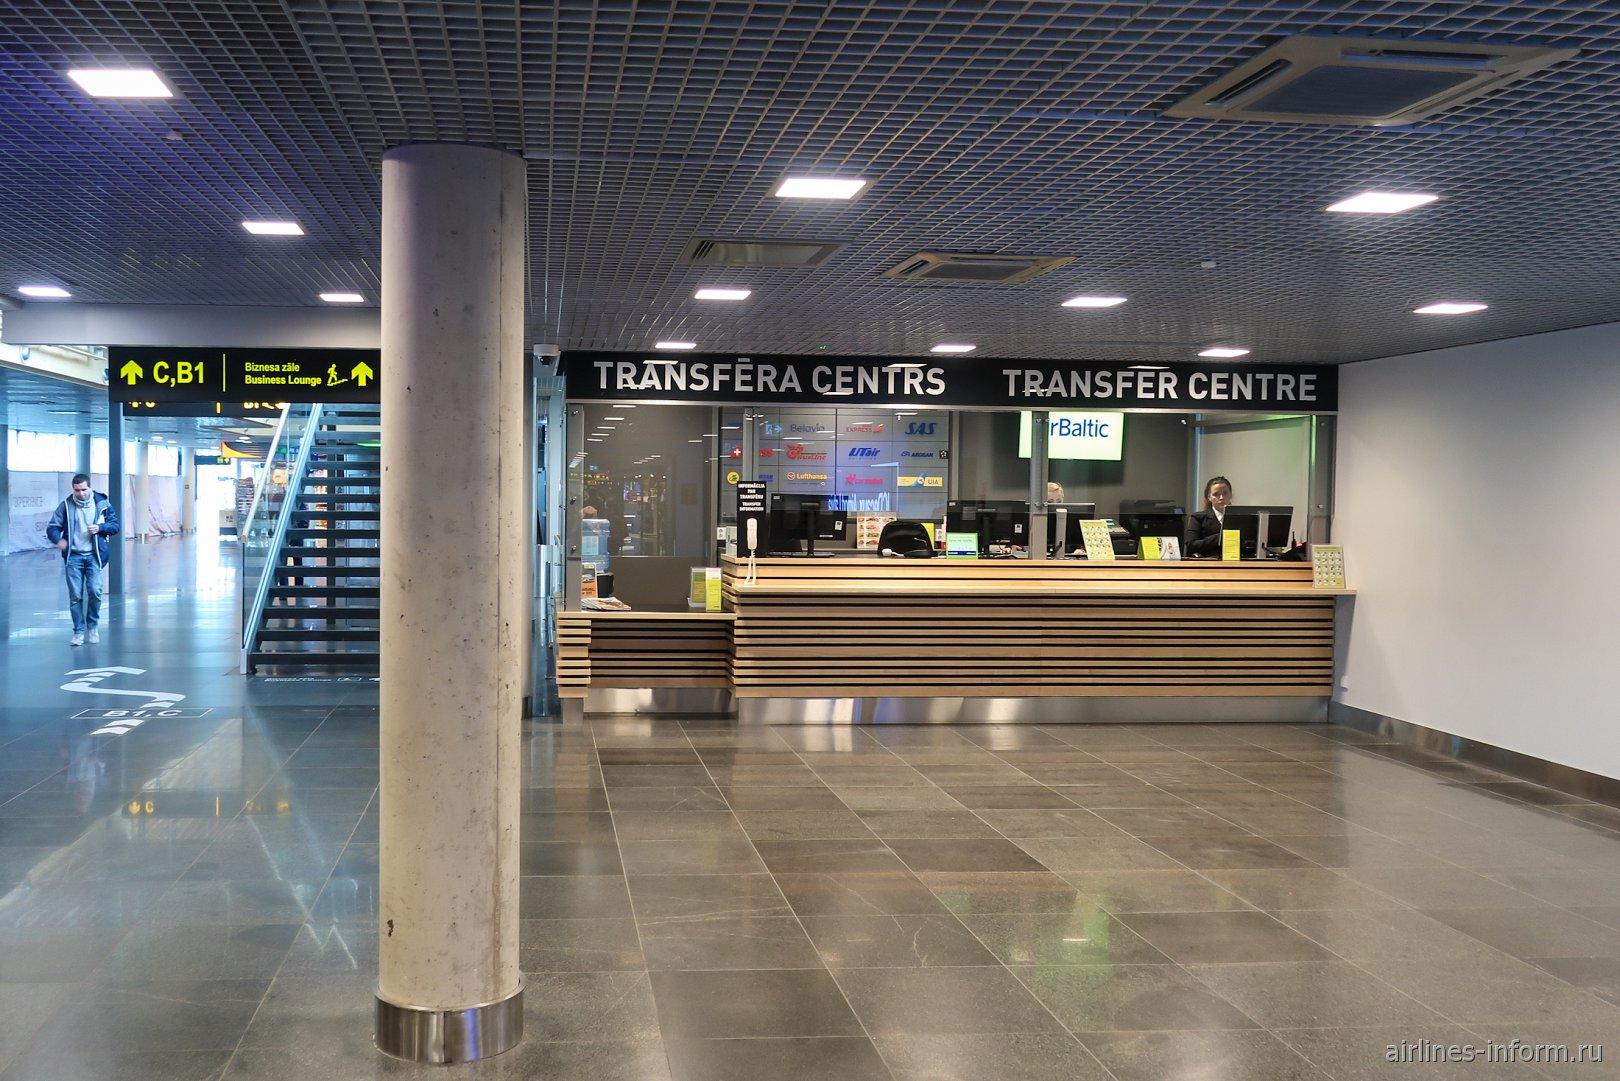 Трансферный центр в аэропорту Рига